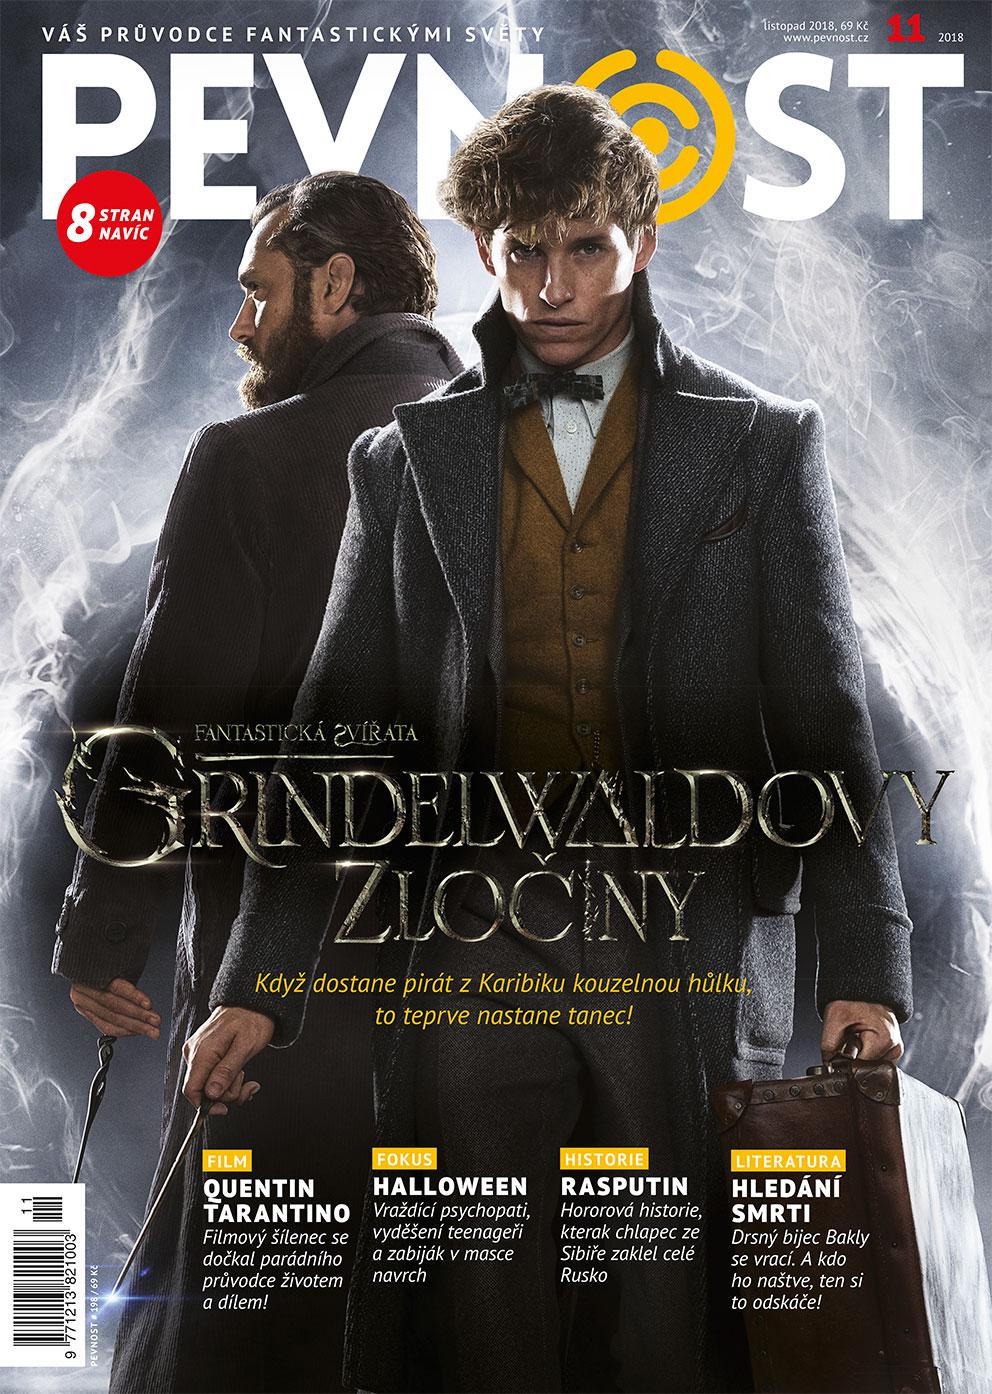 Zalistujme se do bestselleru od Mloka Scamandera, jeho zvířátka jsou zpět. A s nimi Grindelwald. A bradavice. A ta nejúžasnější magie, co je dneska k mání. A taky nová Pevnost. Která zná fantastickou faunu a ví, kde ji najít!